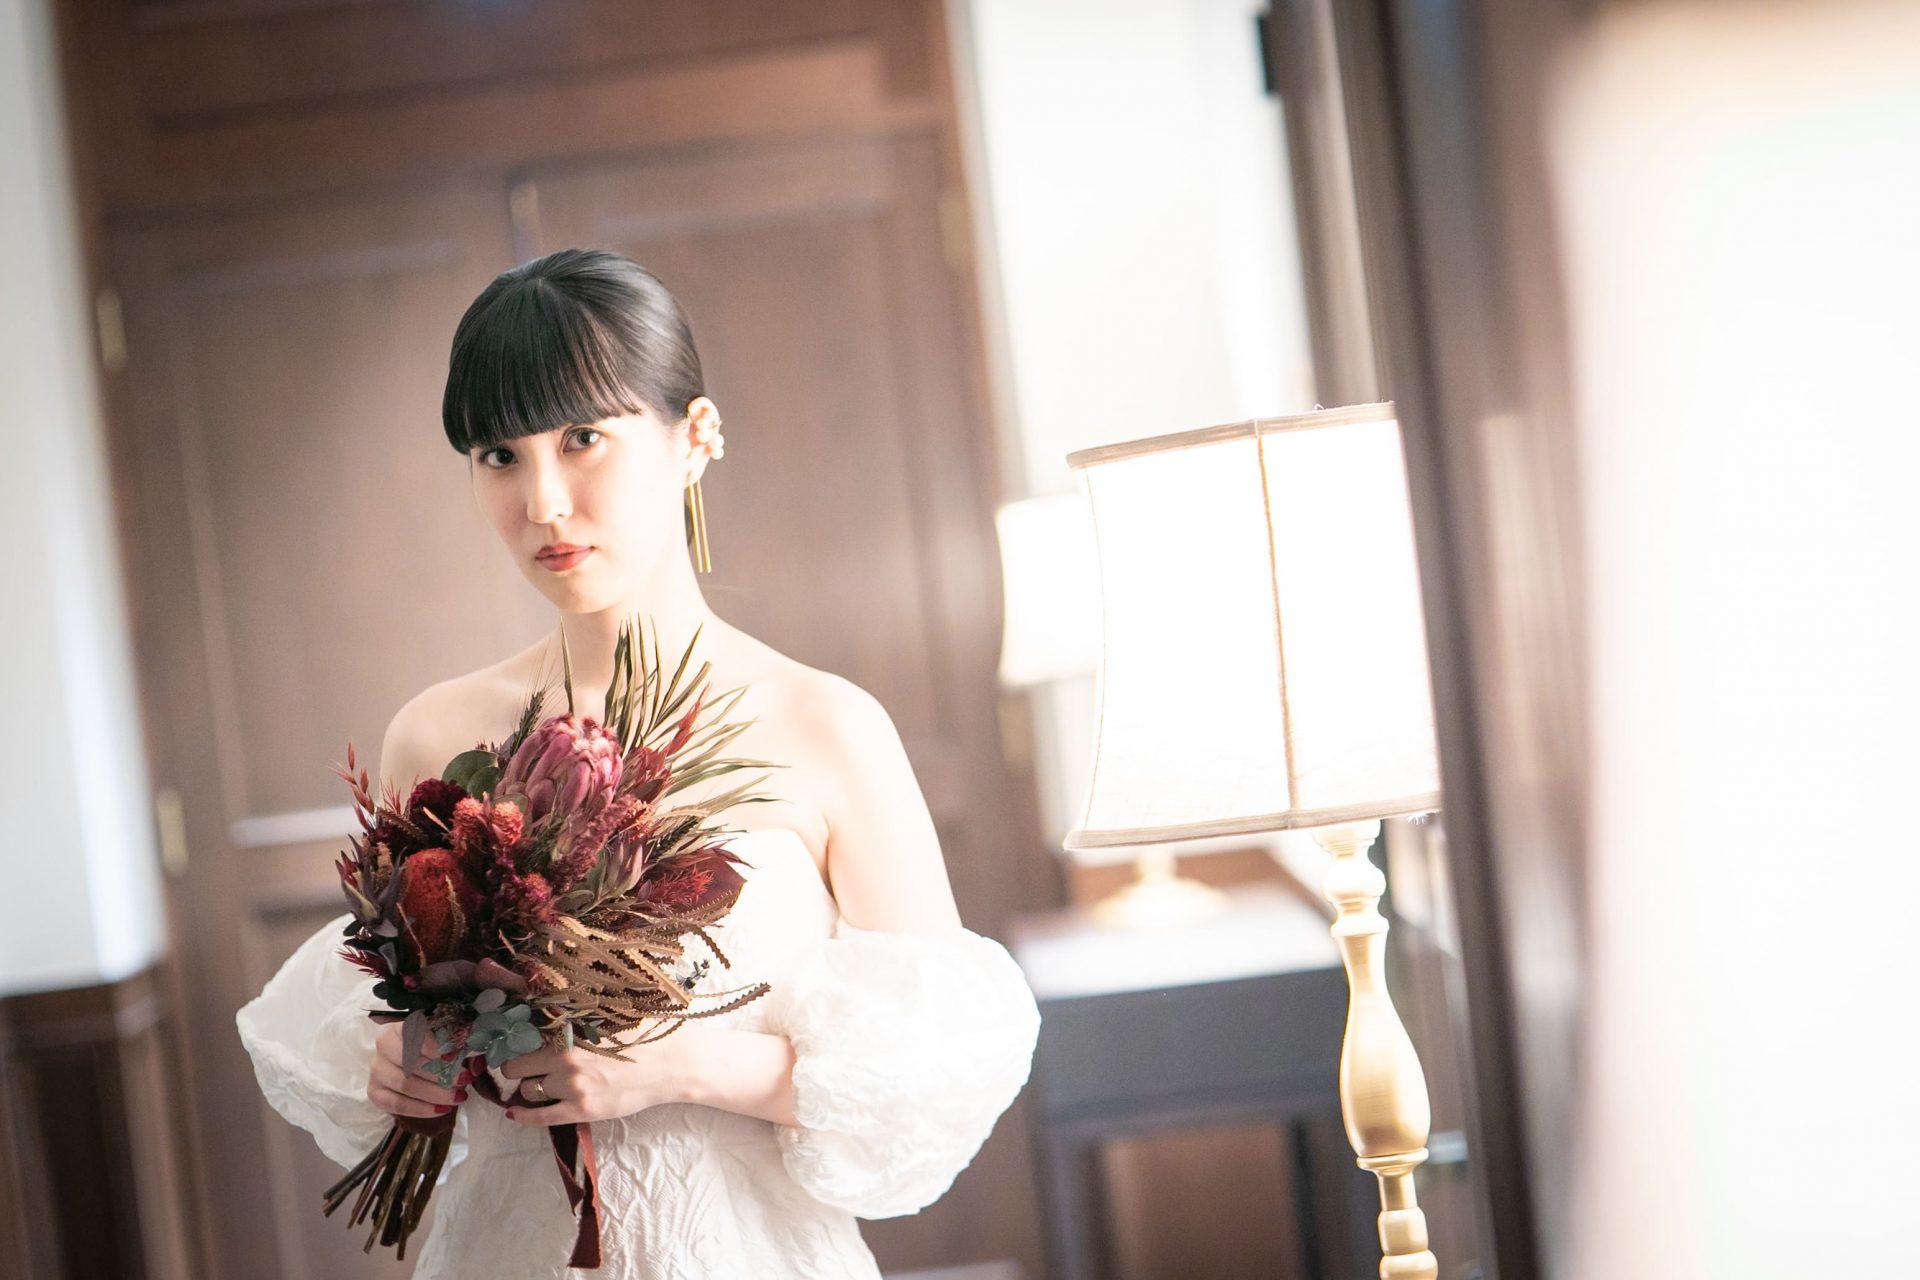 アットホームな結婚式におすすめのTHE TREAT DRESSINGで人気のLELAROSEのウェディングドレス